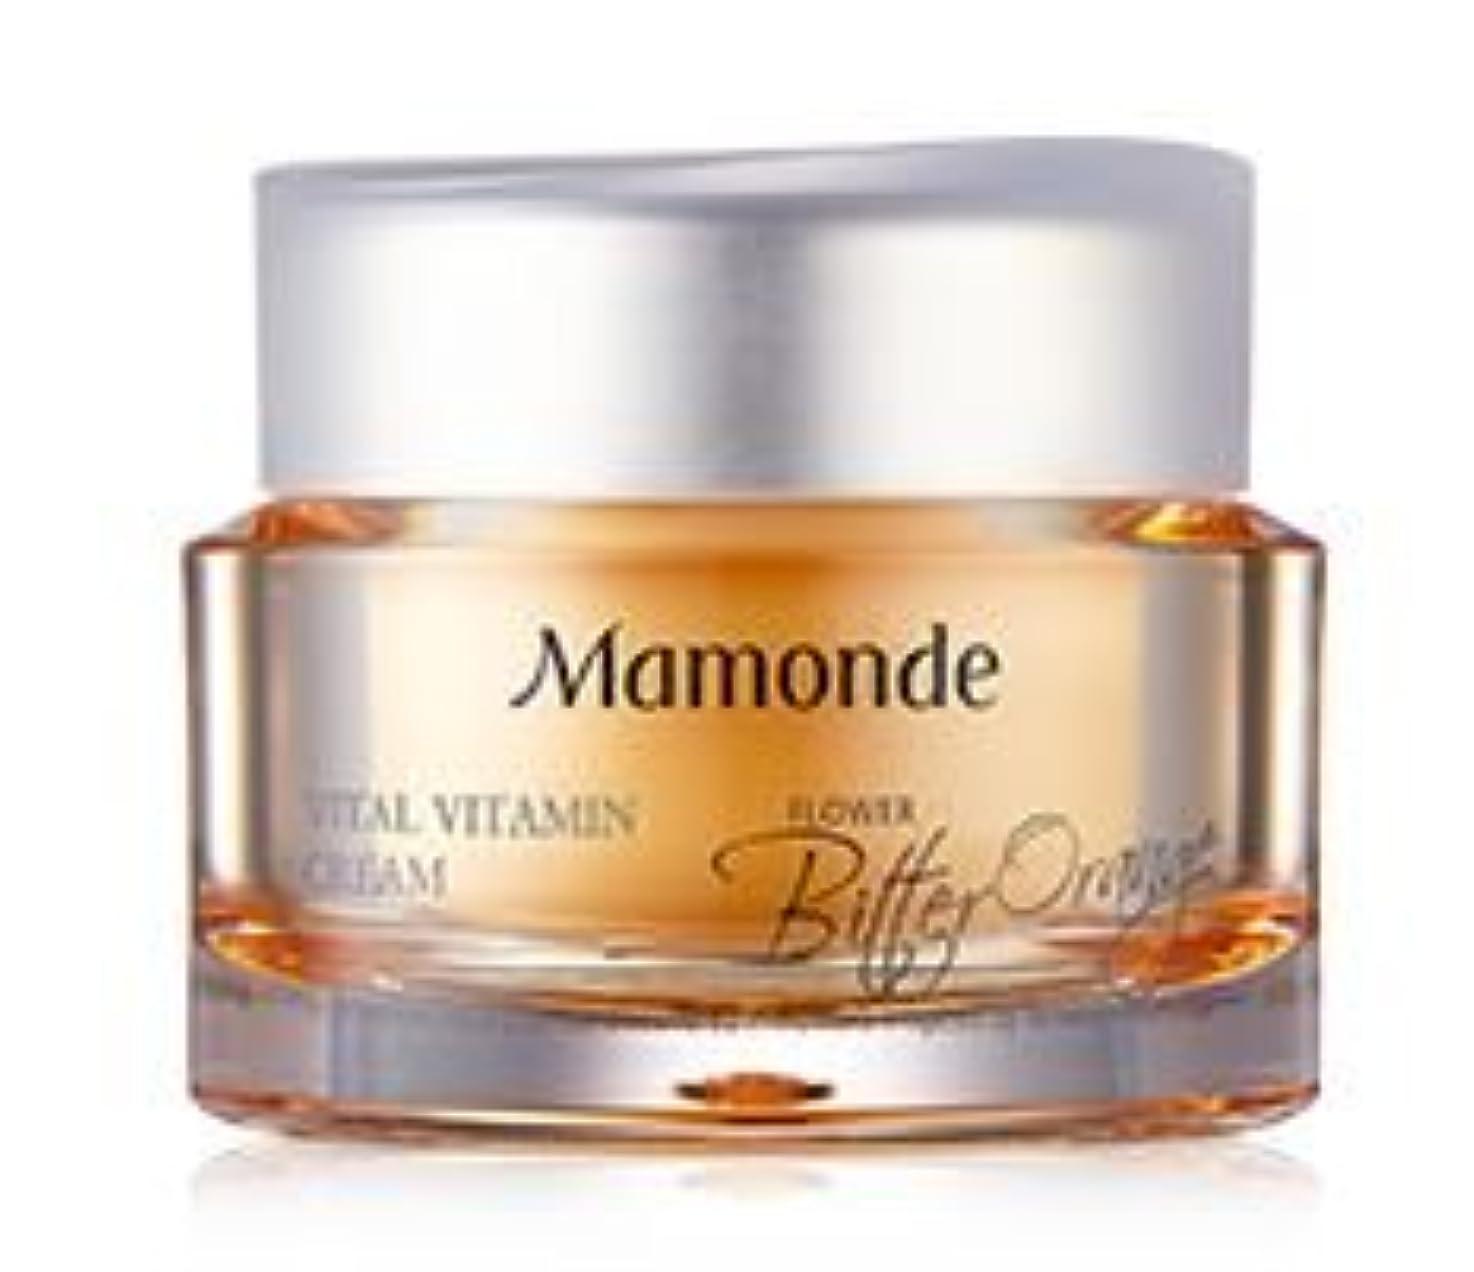 受ける突然のカップル[Mamonde] Vital Vitamin Cream 50ml /[マモンド]バイタルビタミンクリーム50ml [並行輸入品]